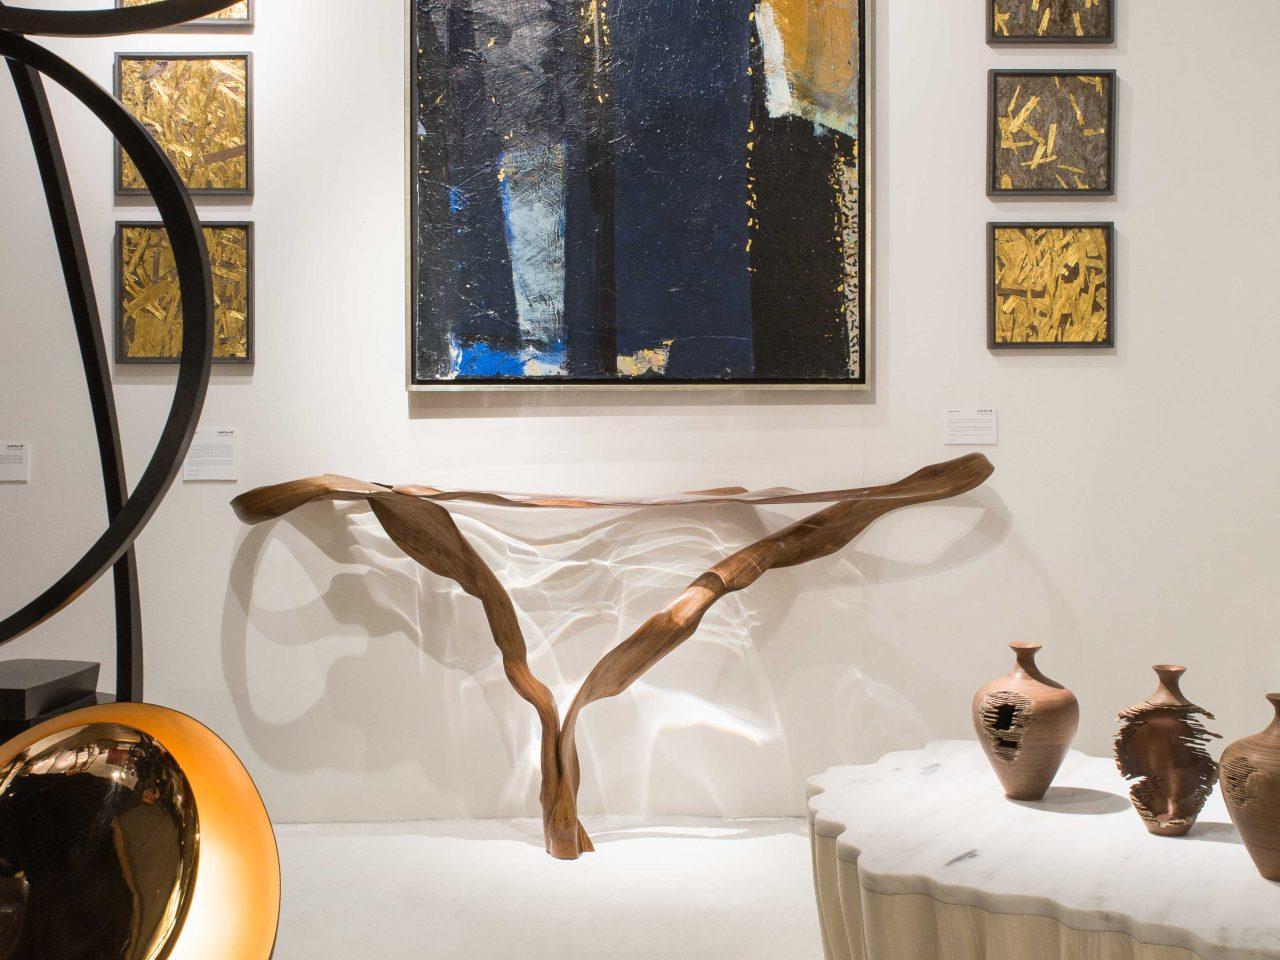 The Salon Art Design Todd Merrill Studio